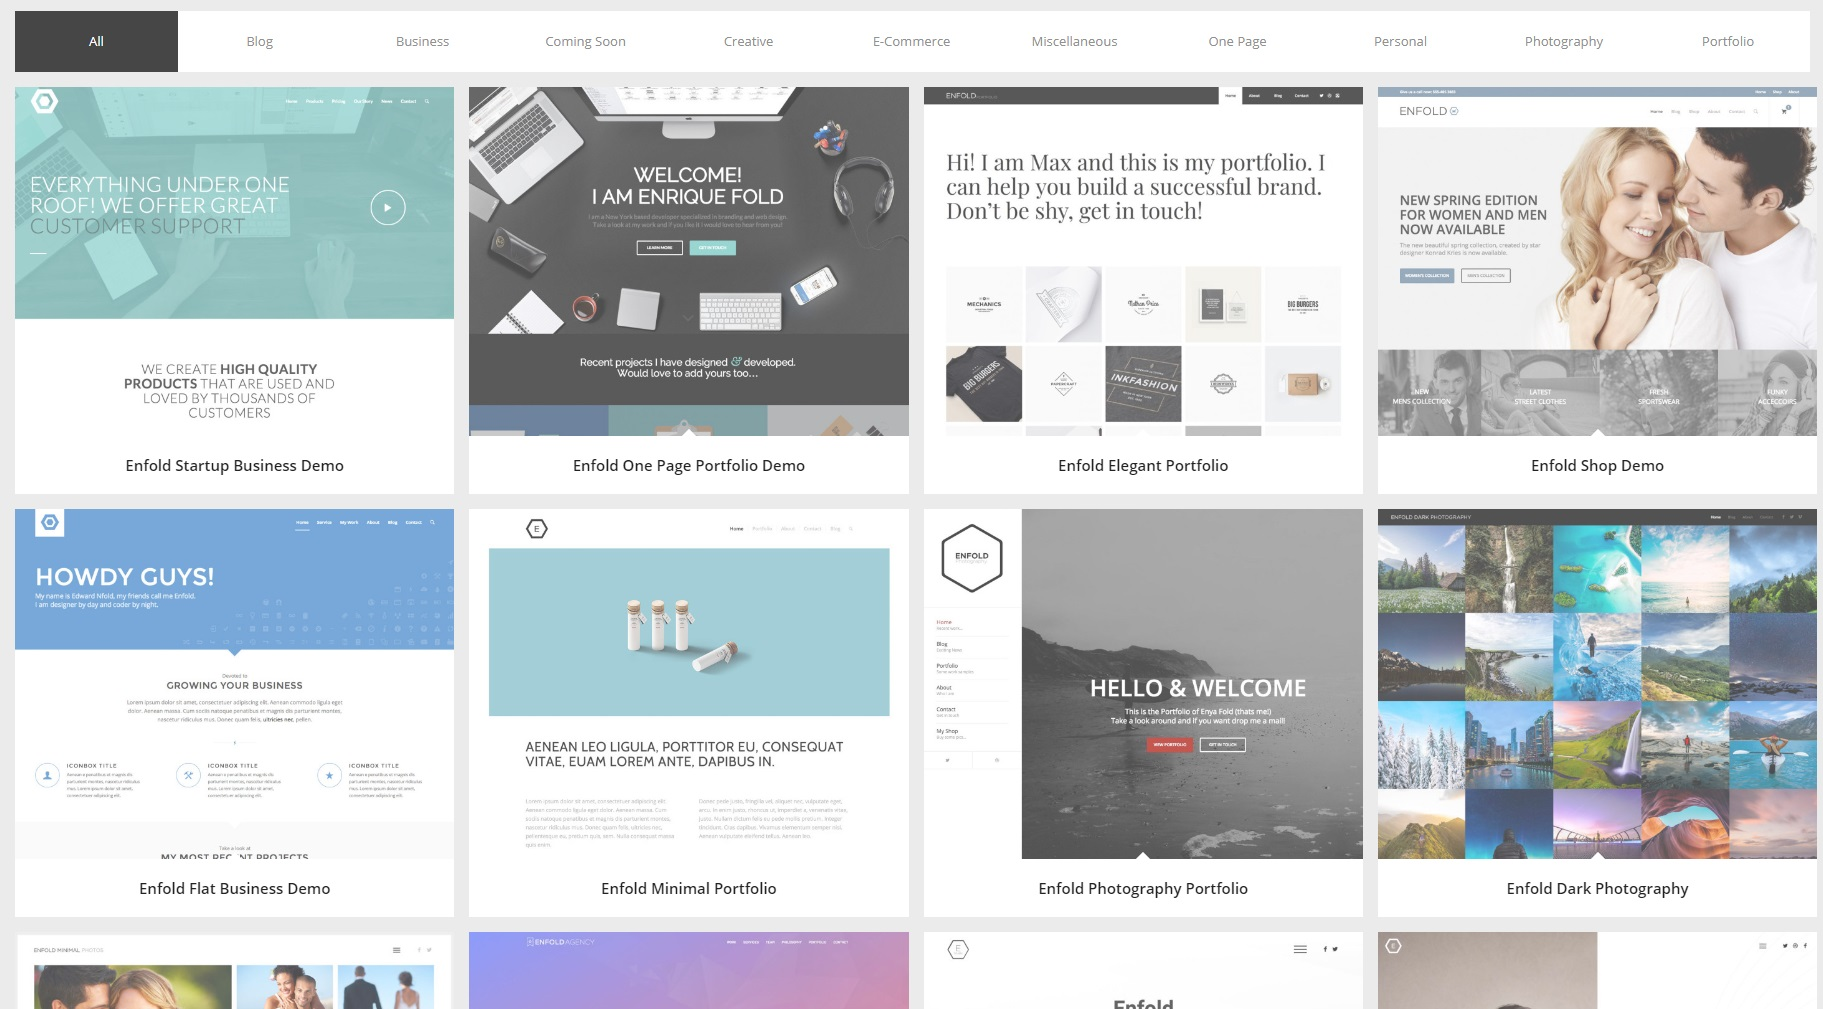 wordpress theme enfold